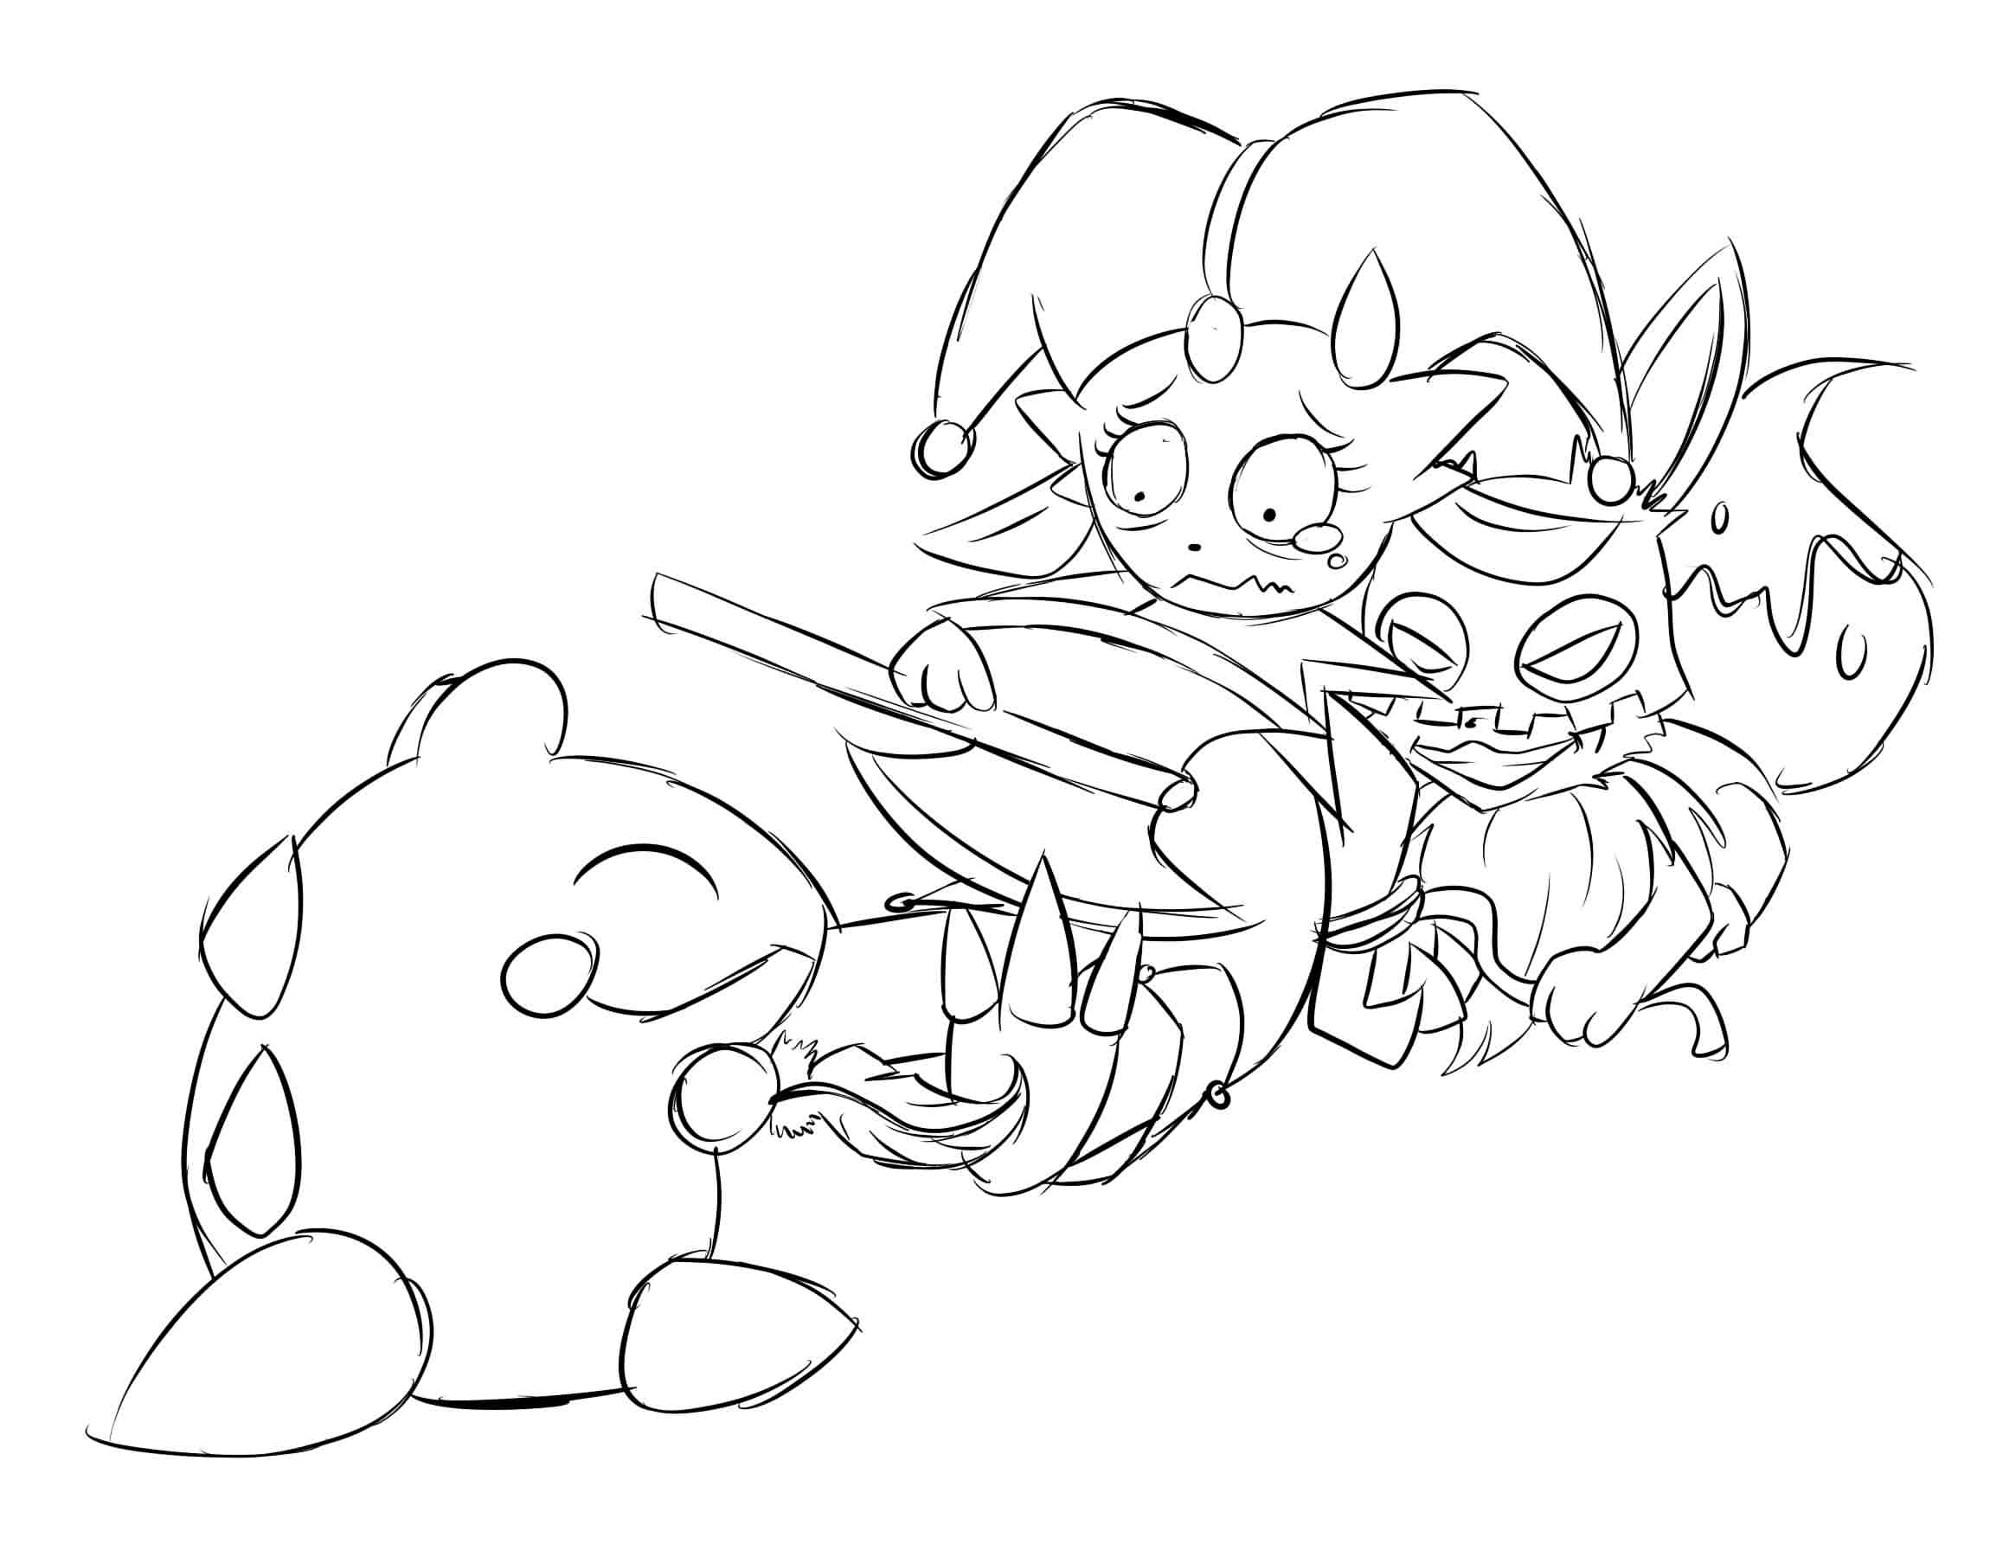 Pokémon-Zeichnung: Kille kille, Snibunnarr!